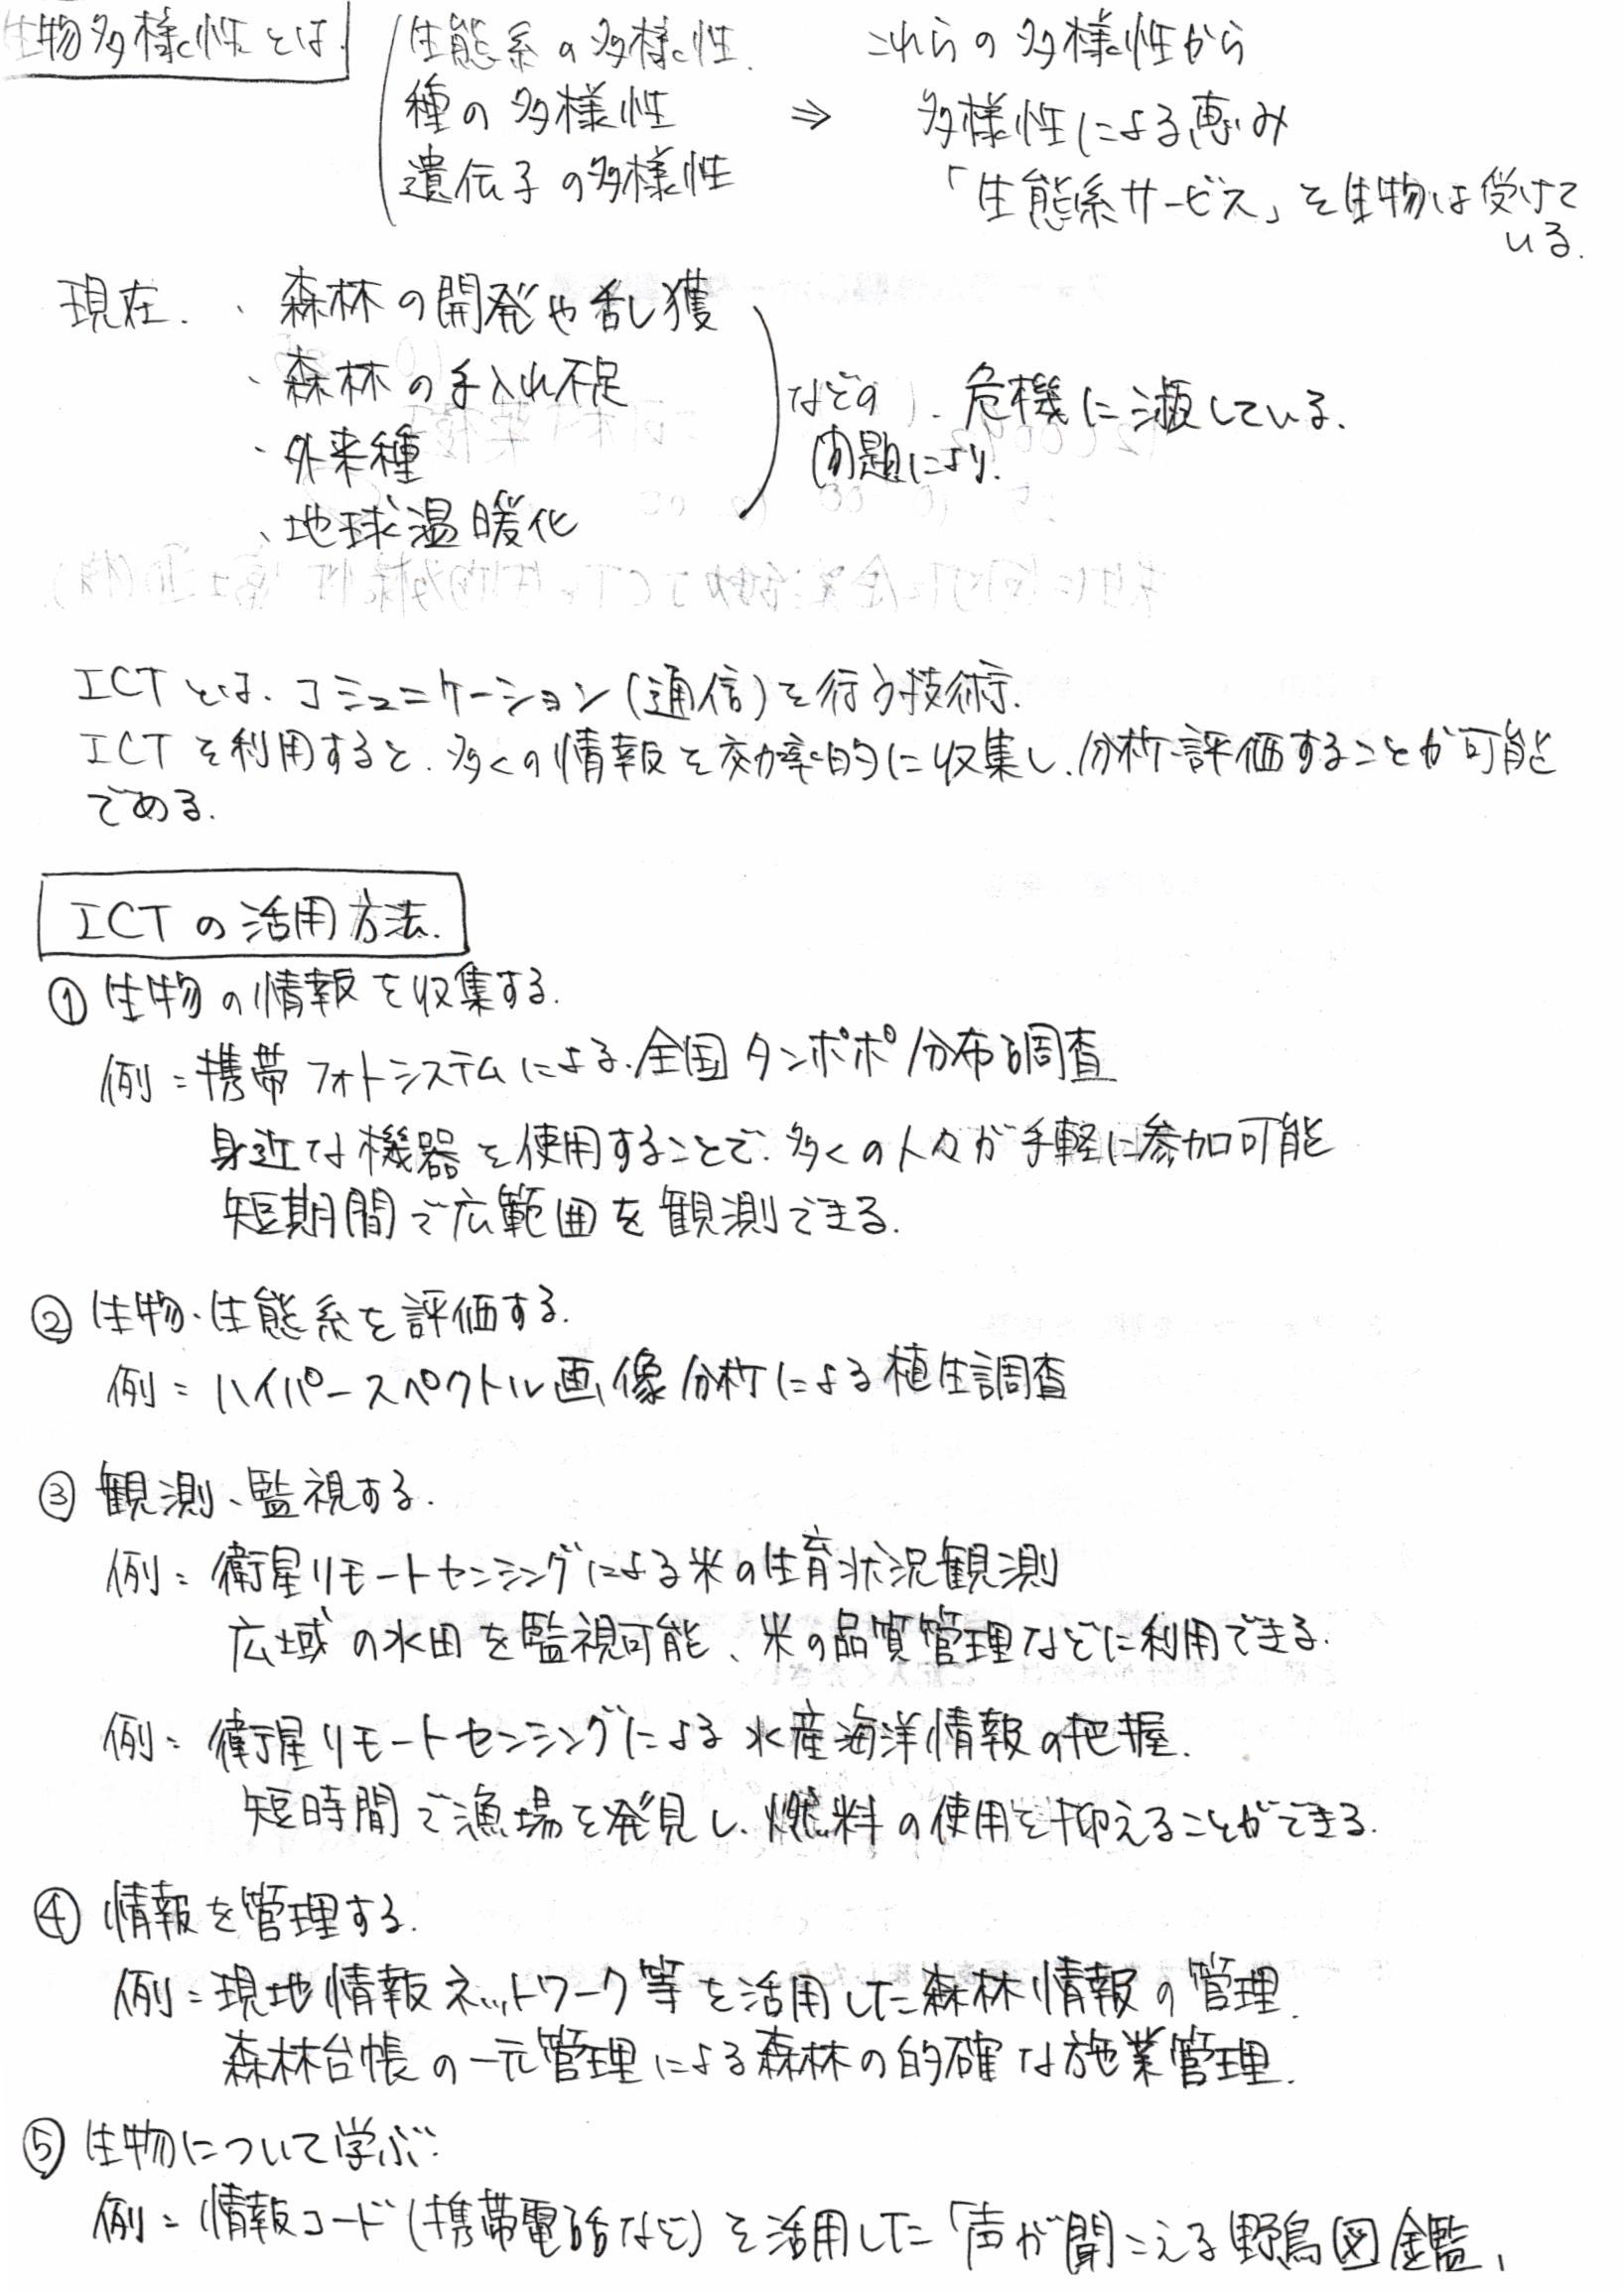 フォーラム体験レポーター報告河村3